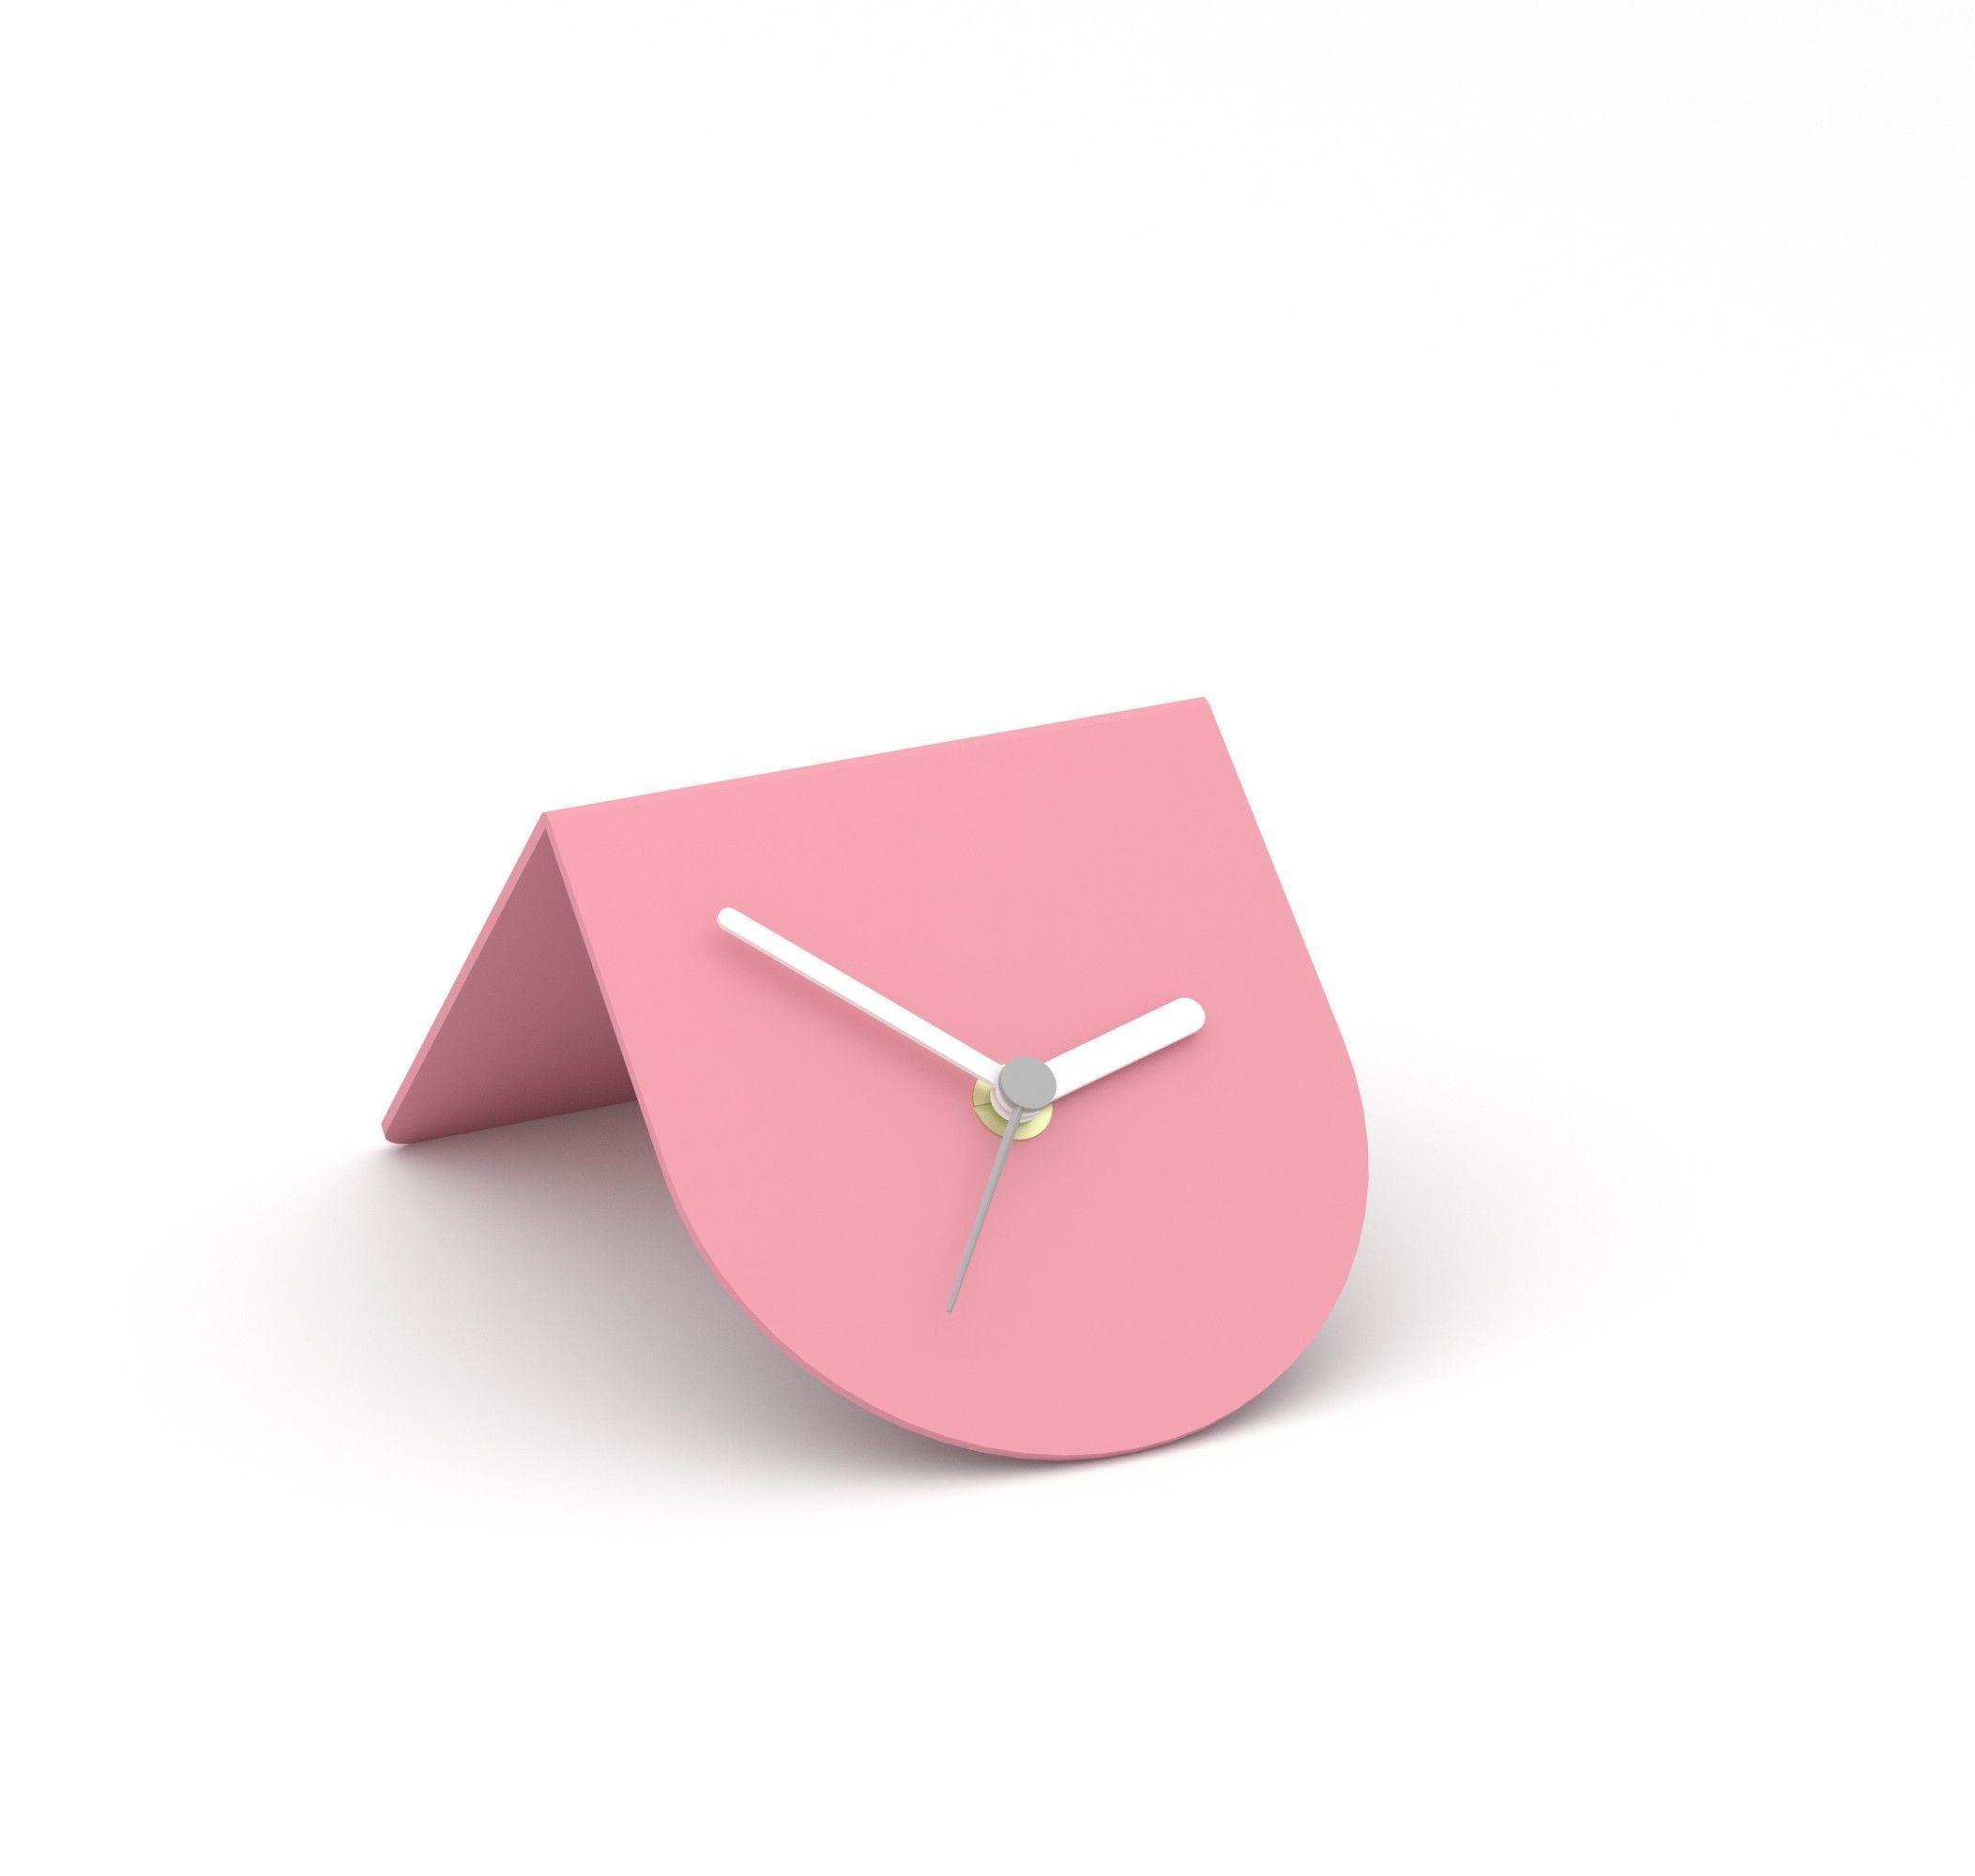 Desk Clock 3d Model Collection Obj 3ds Fbx Blend 7